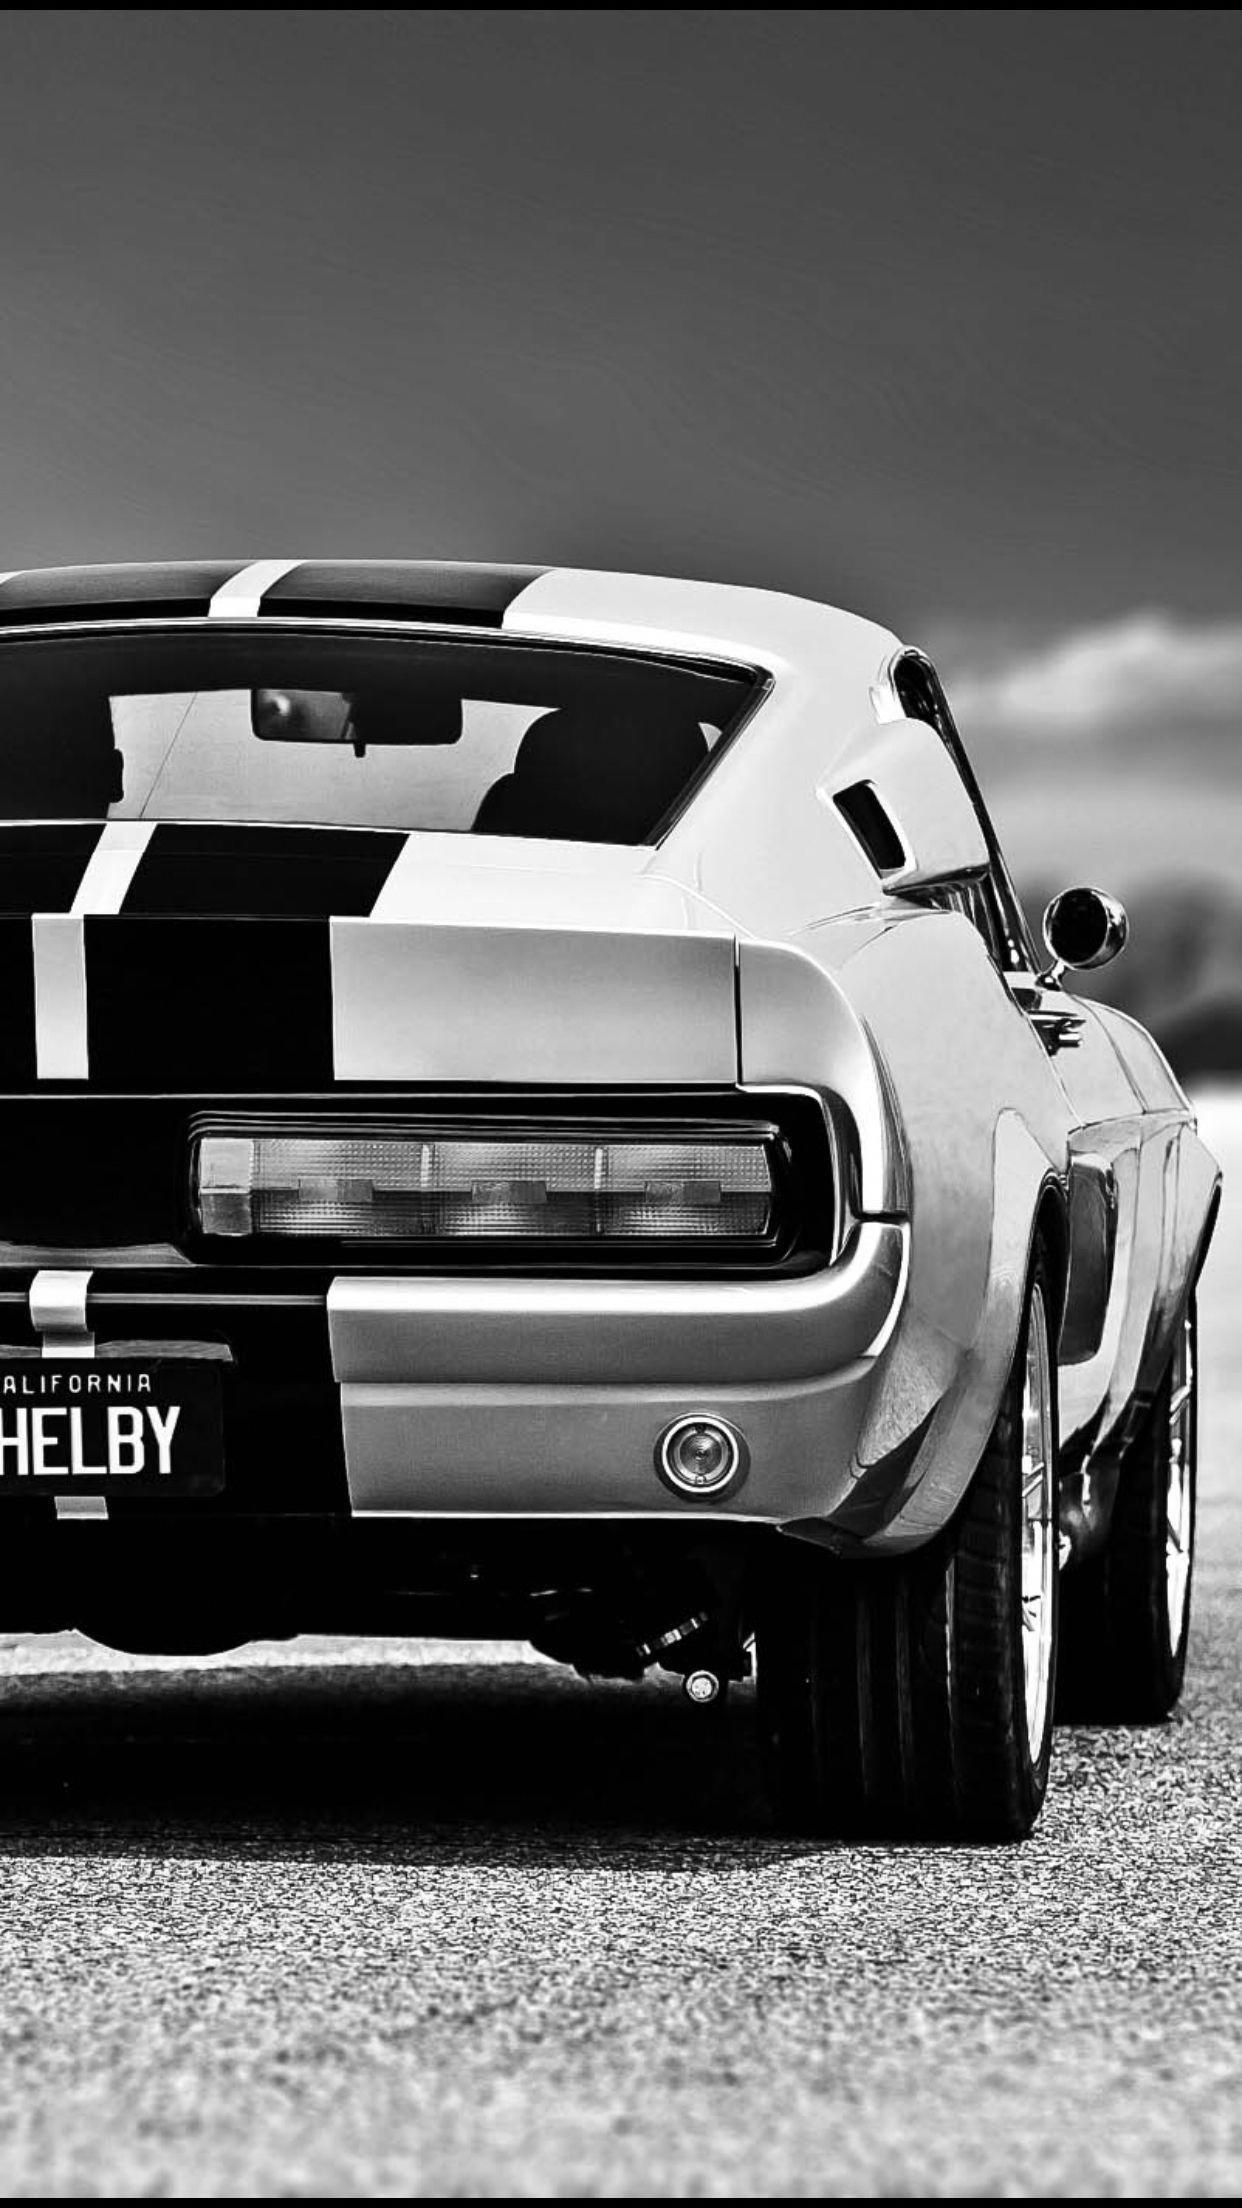 1967 Eleanor Mustang Wallpaper